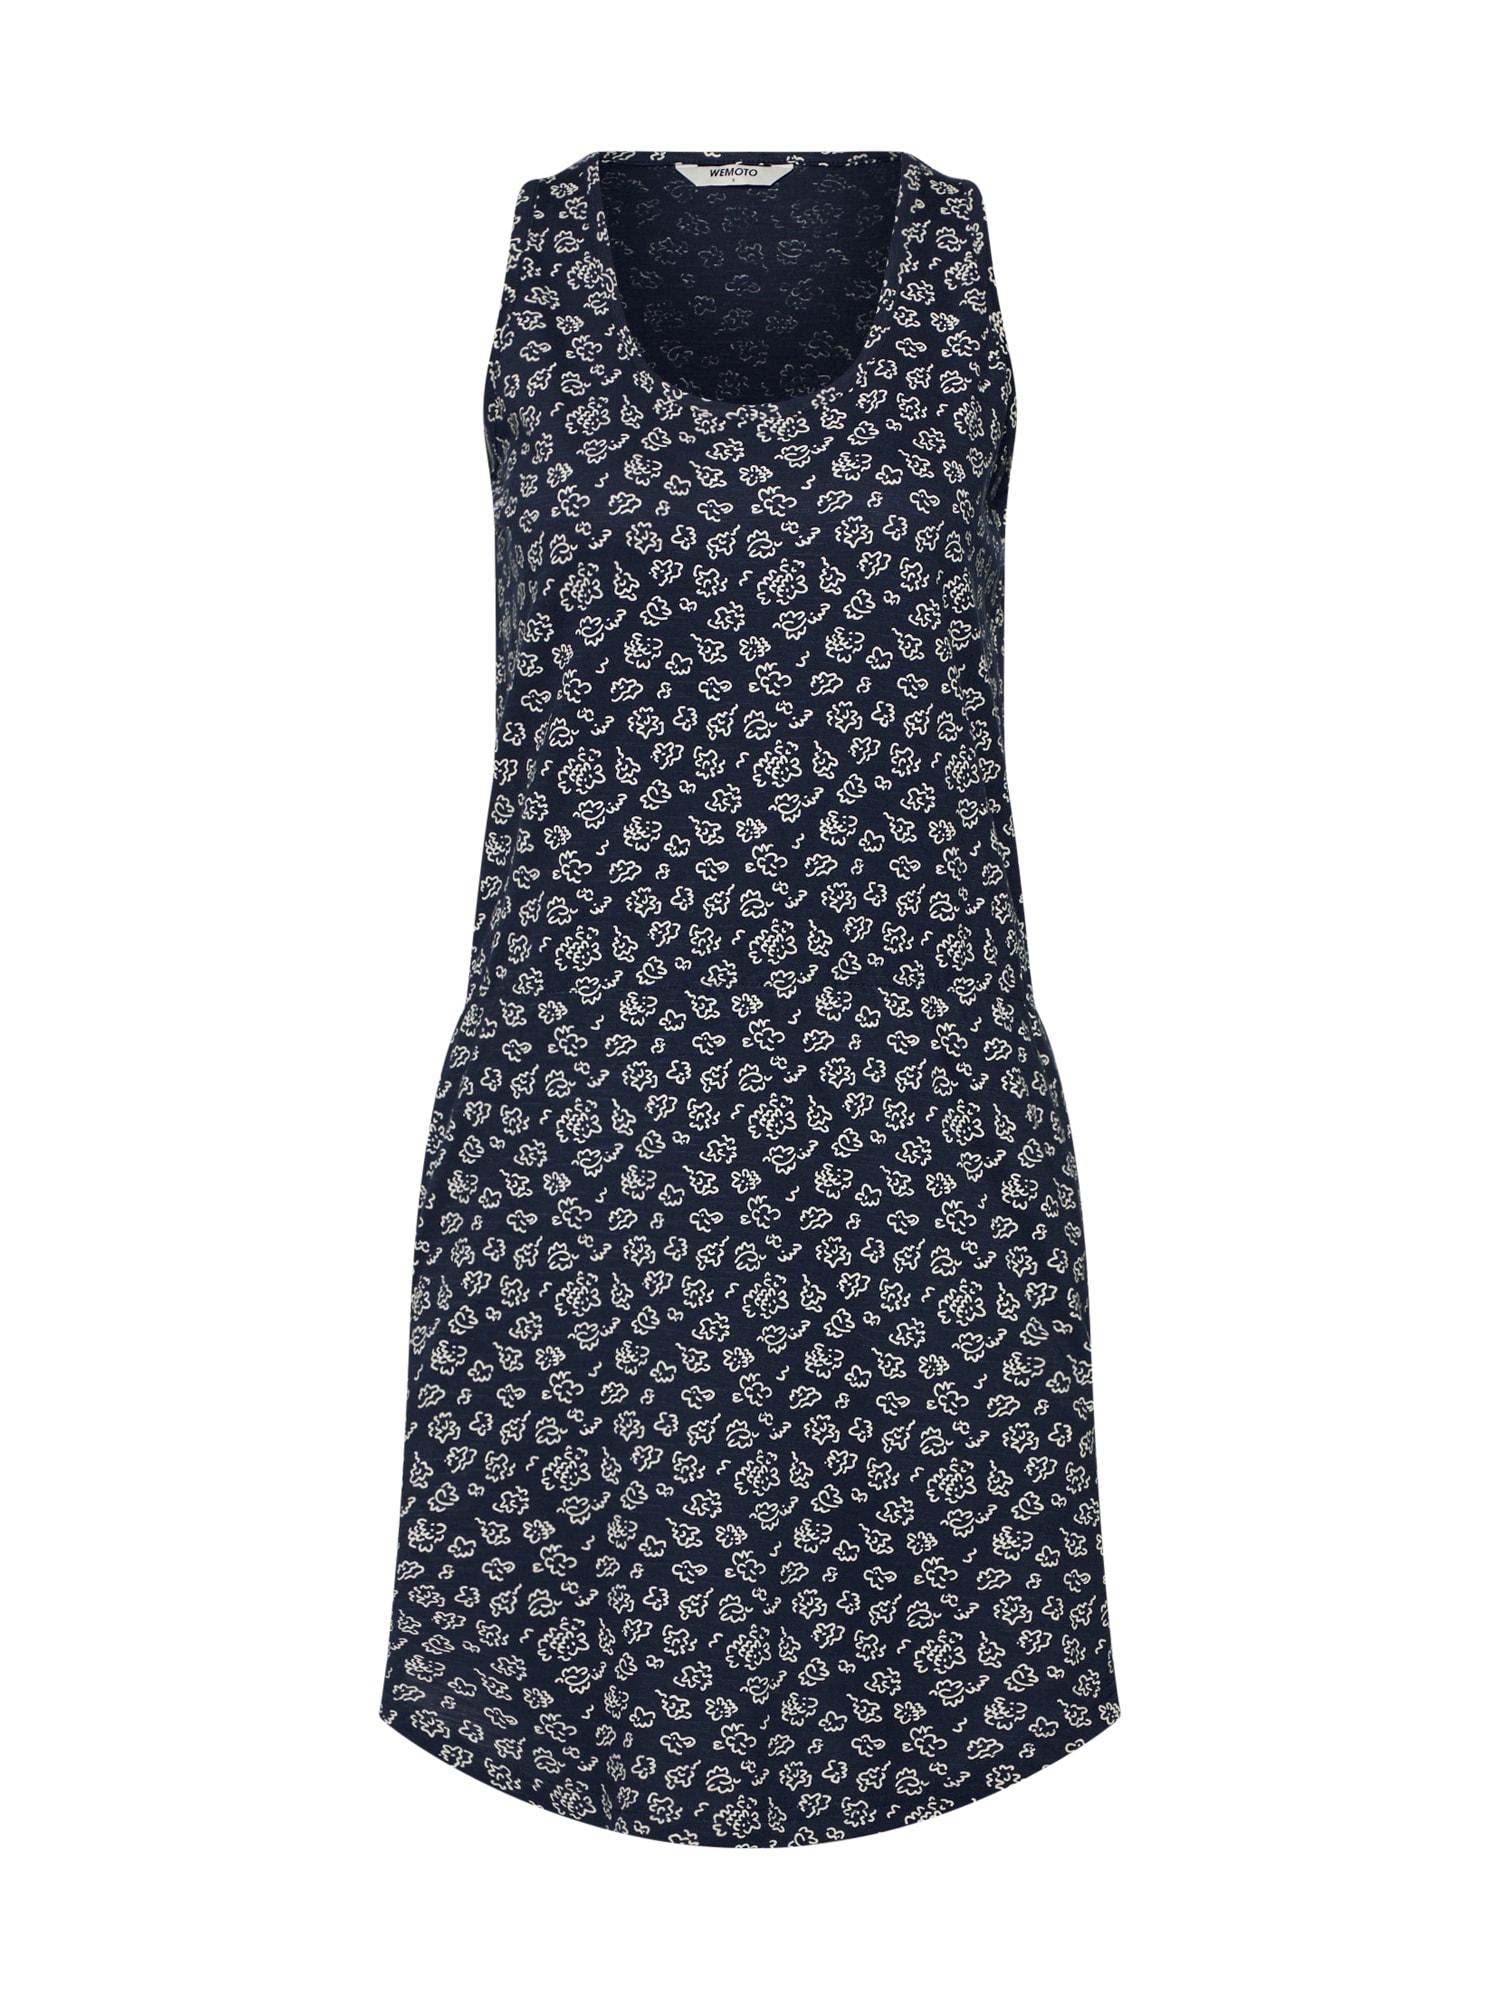 Šaty New Tavi Printed námořnická modř bílá Wemoto